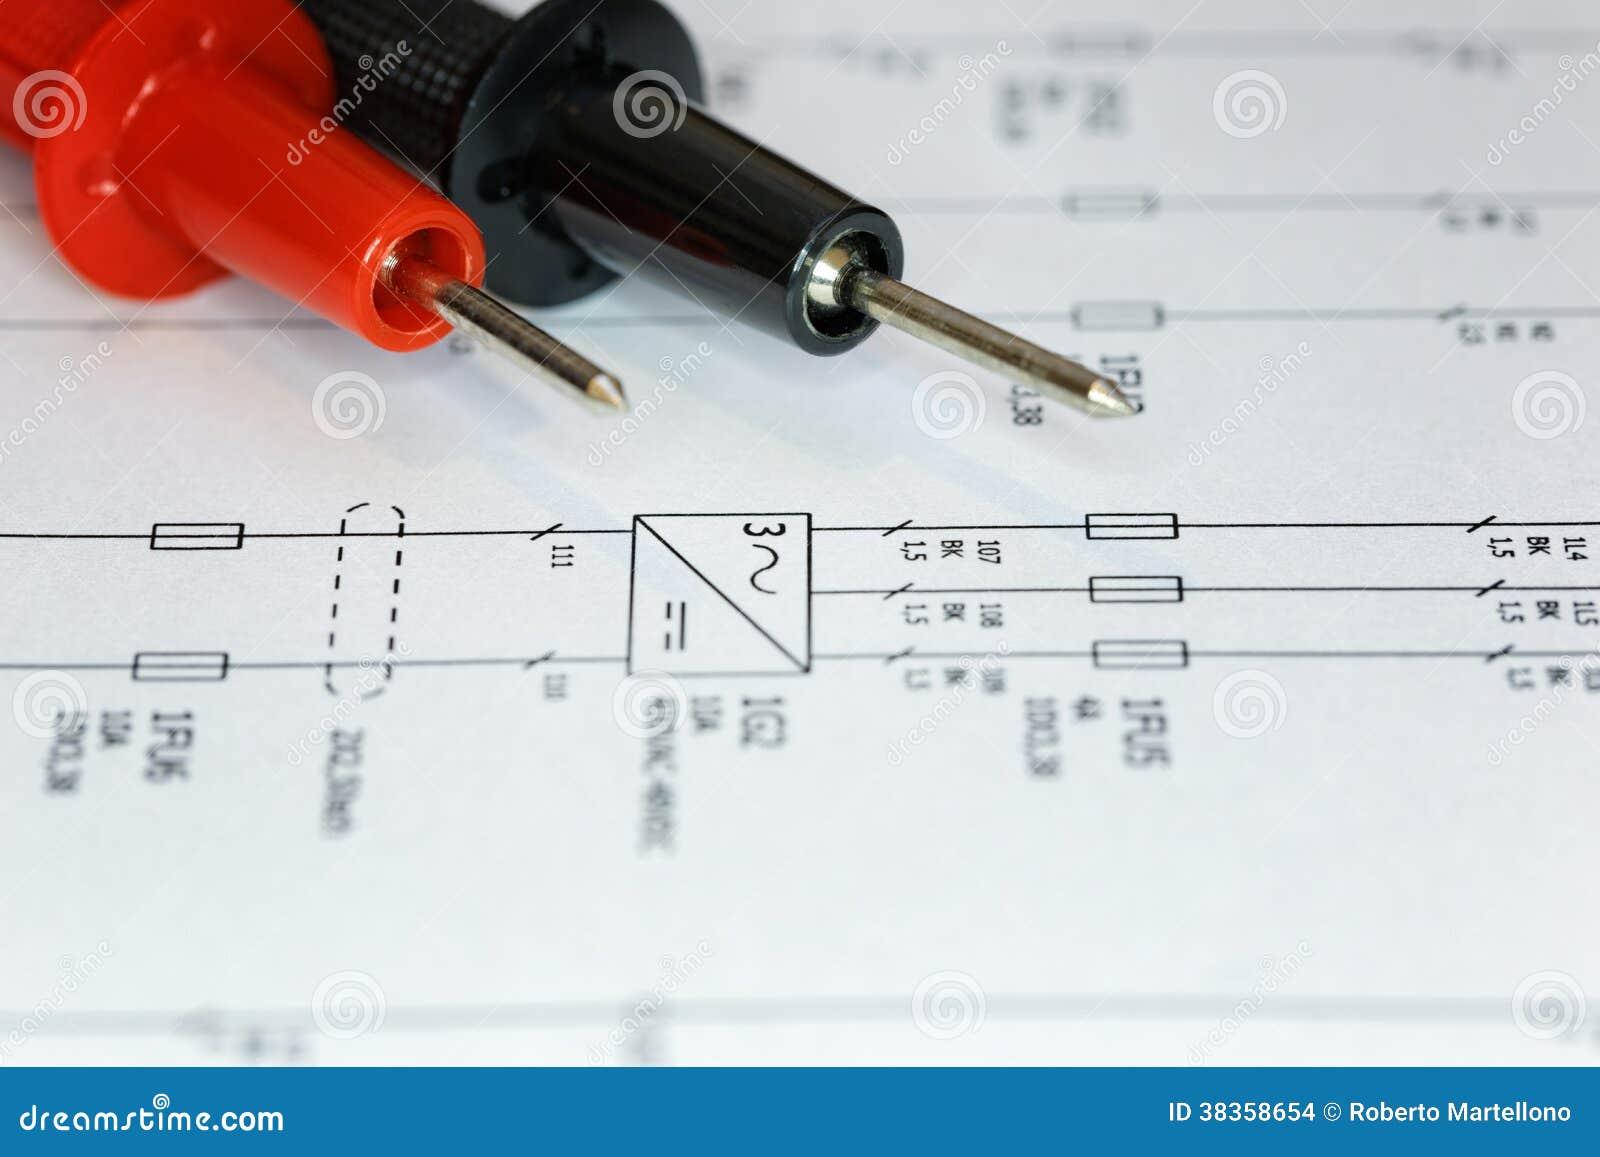 Elektrisches Diagramm, überprüfen. Stockfoto - Bild von leistung ...